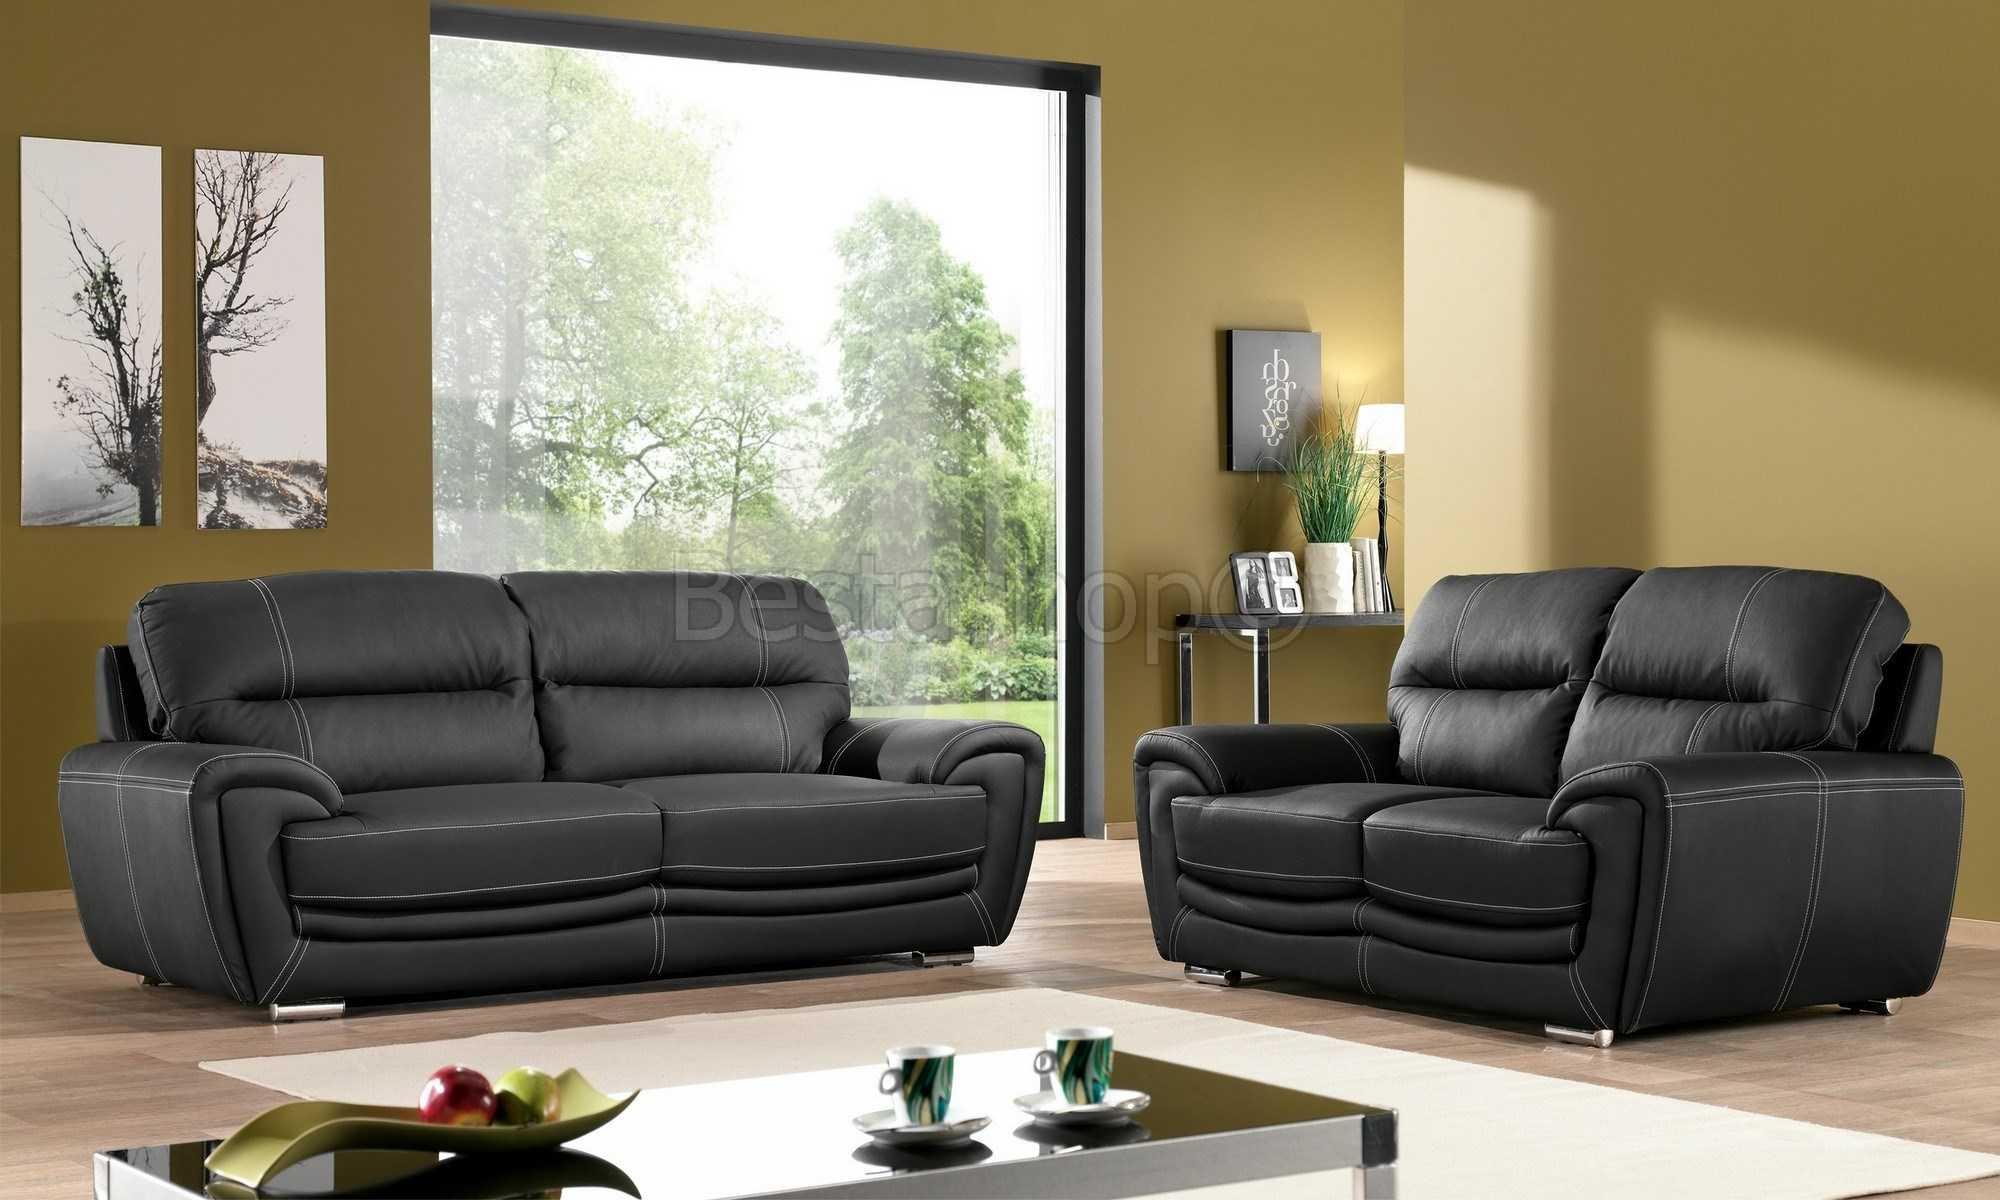 Lit Canapé Escamotable Ikea Frais Photos Canap Convertible 3 Places Conforama 33 Canape Marina Luxe Lit 28